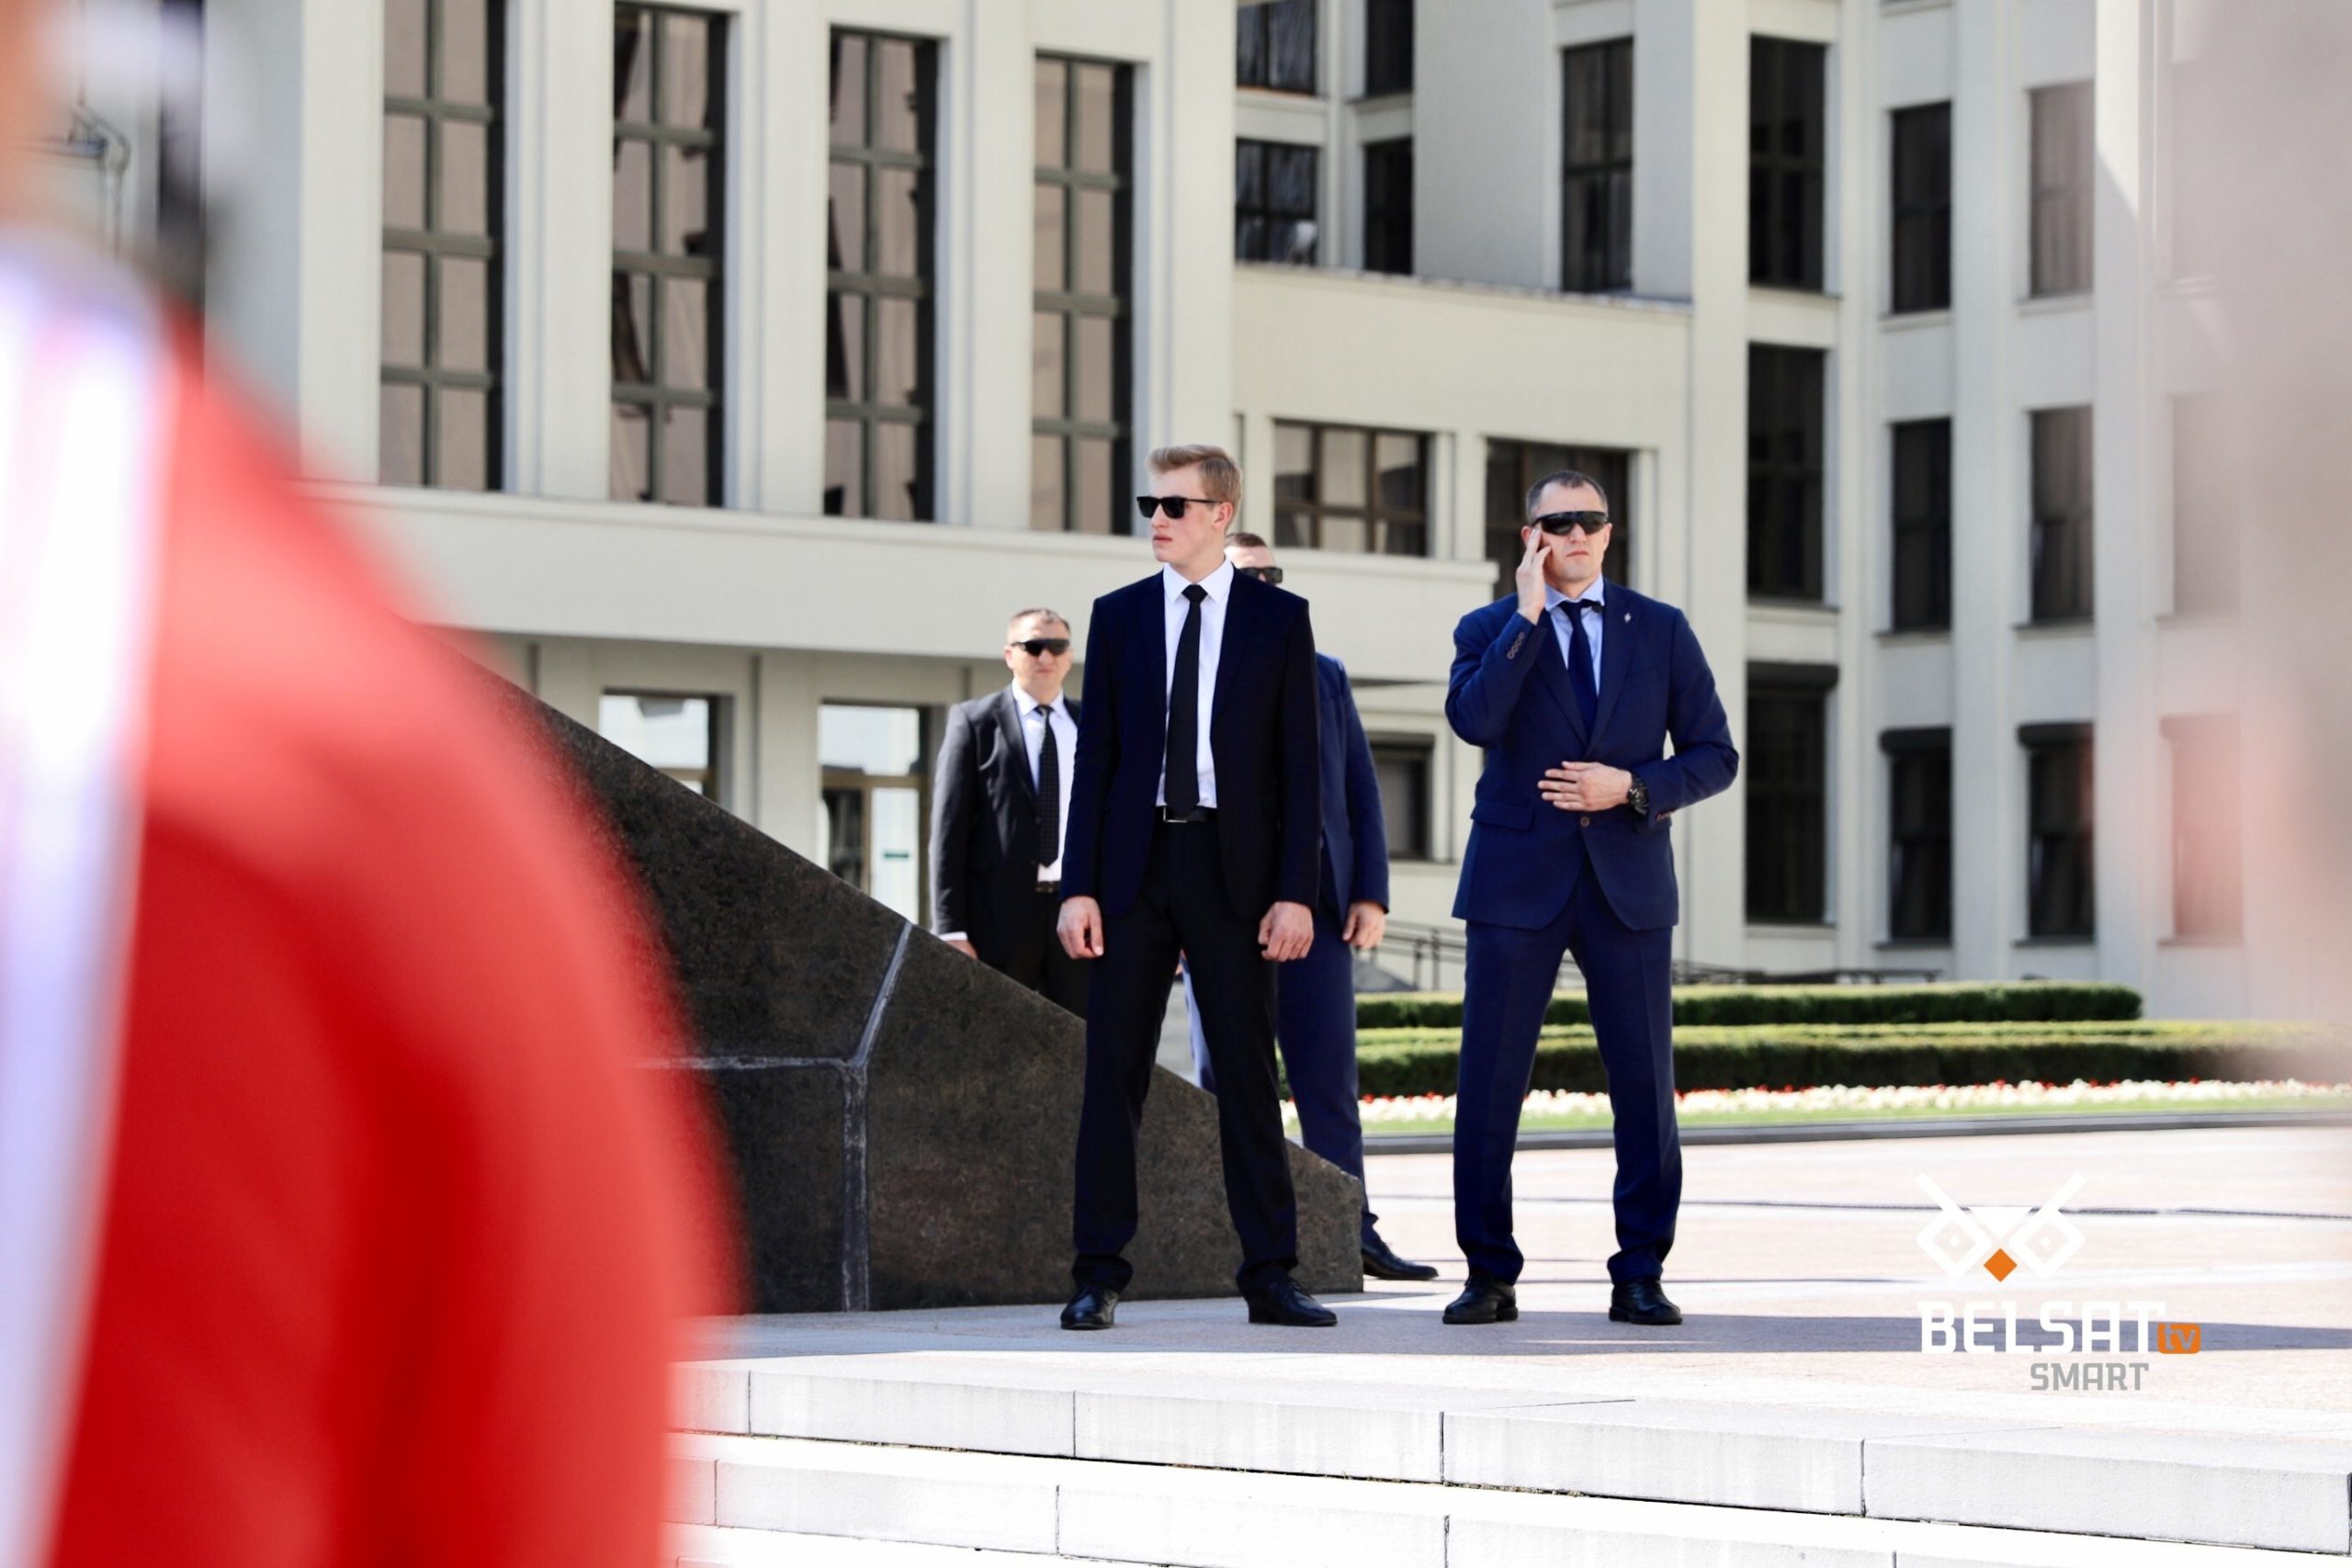 Син Лукашенка Коля житиме в Москві під вигаданим прізвищем